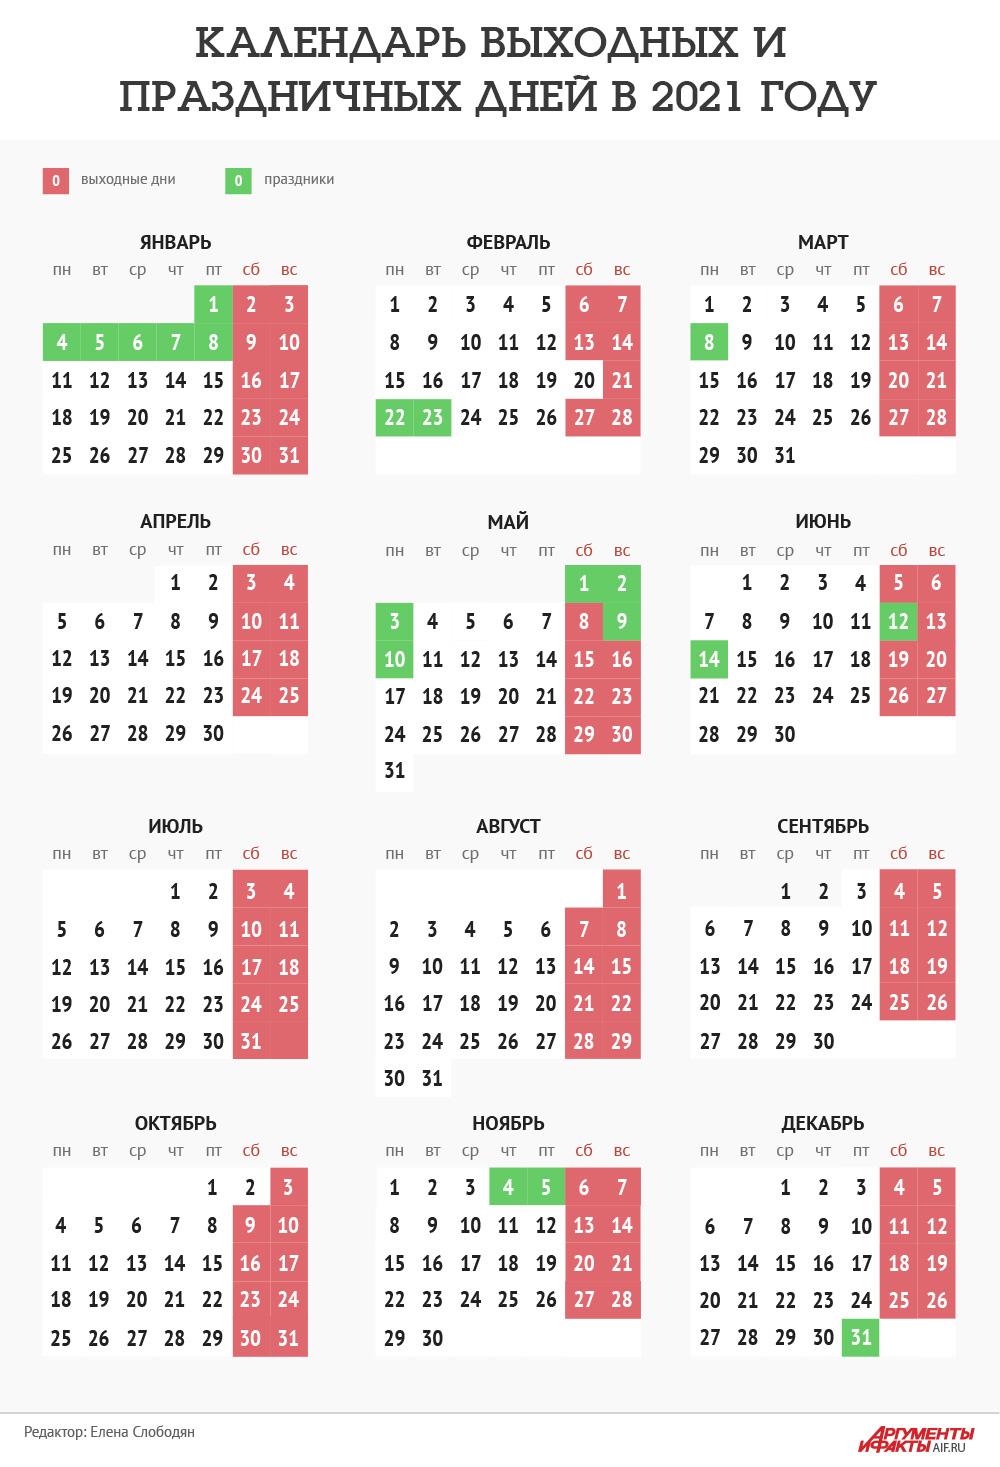 Производственный календарь на 2021 год. Инфографика